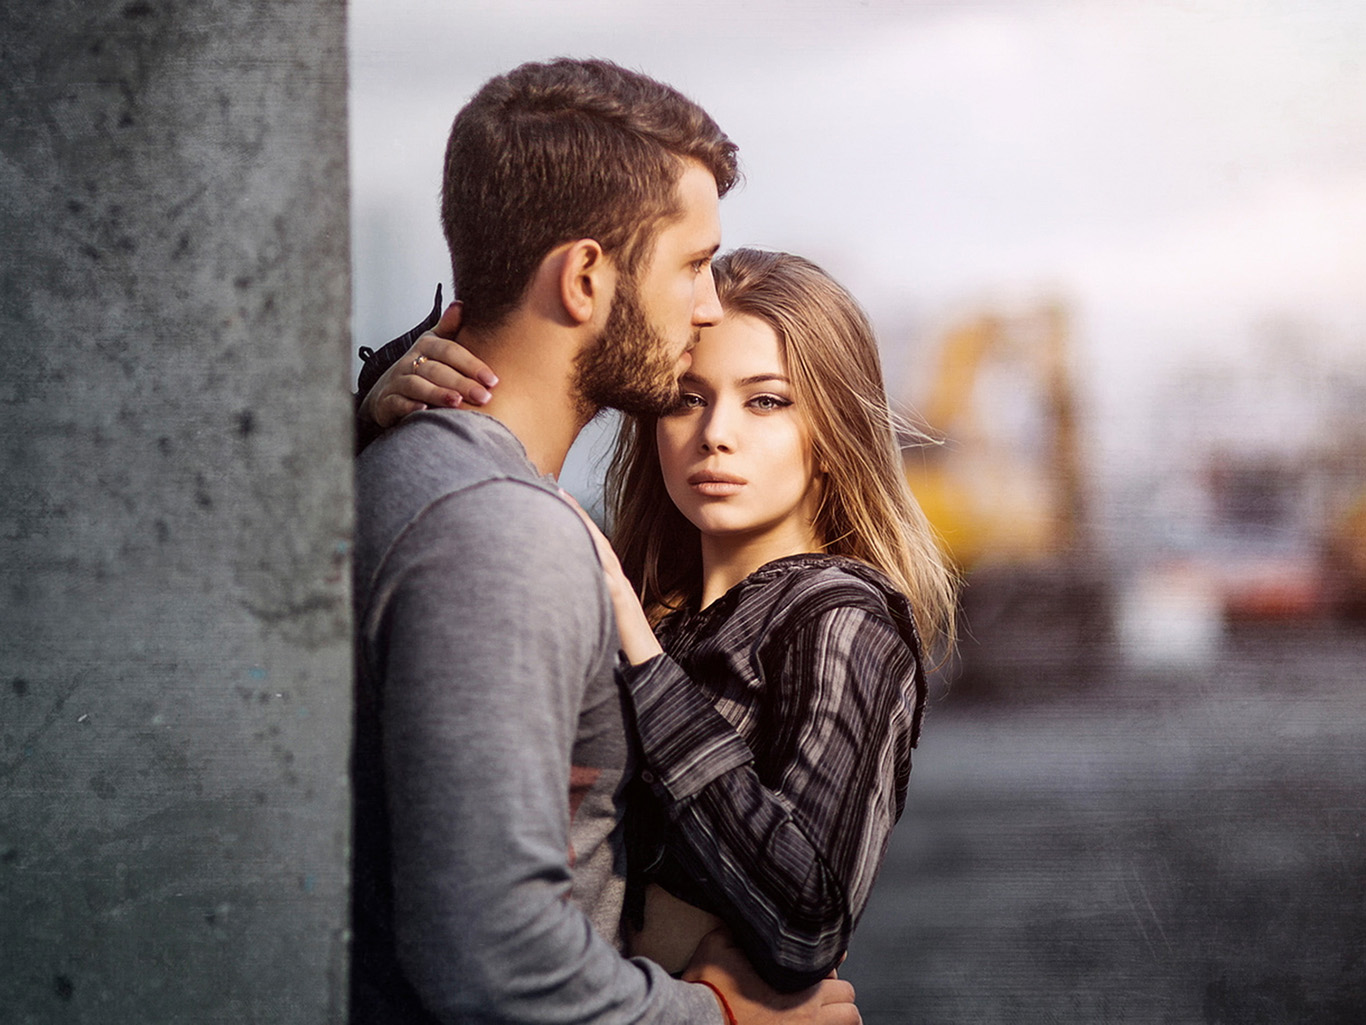 Влияет ли секс на серьезные отношения